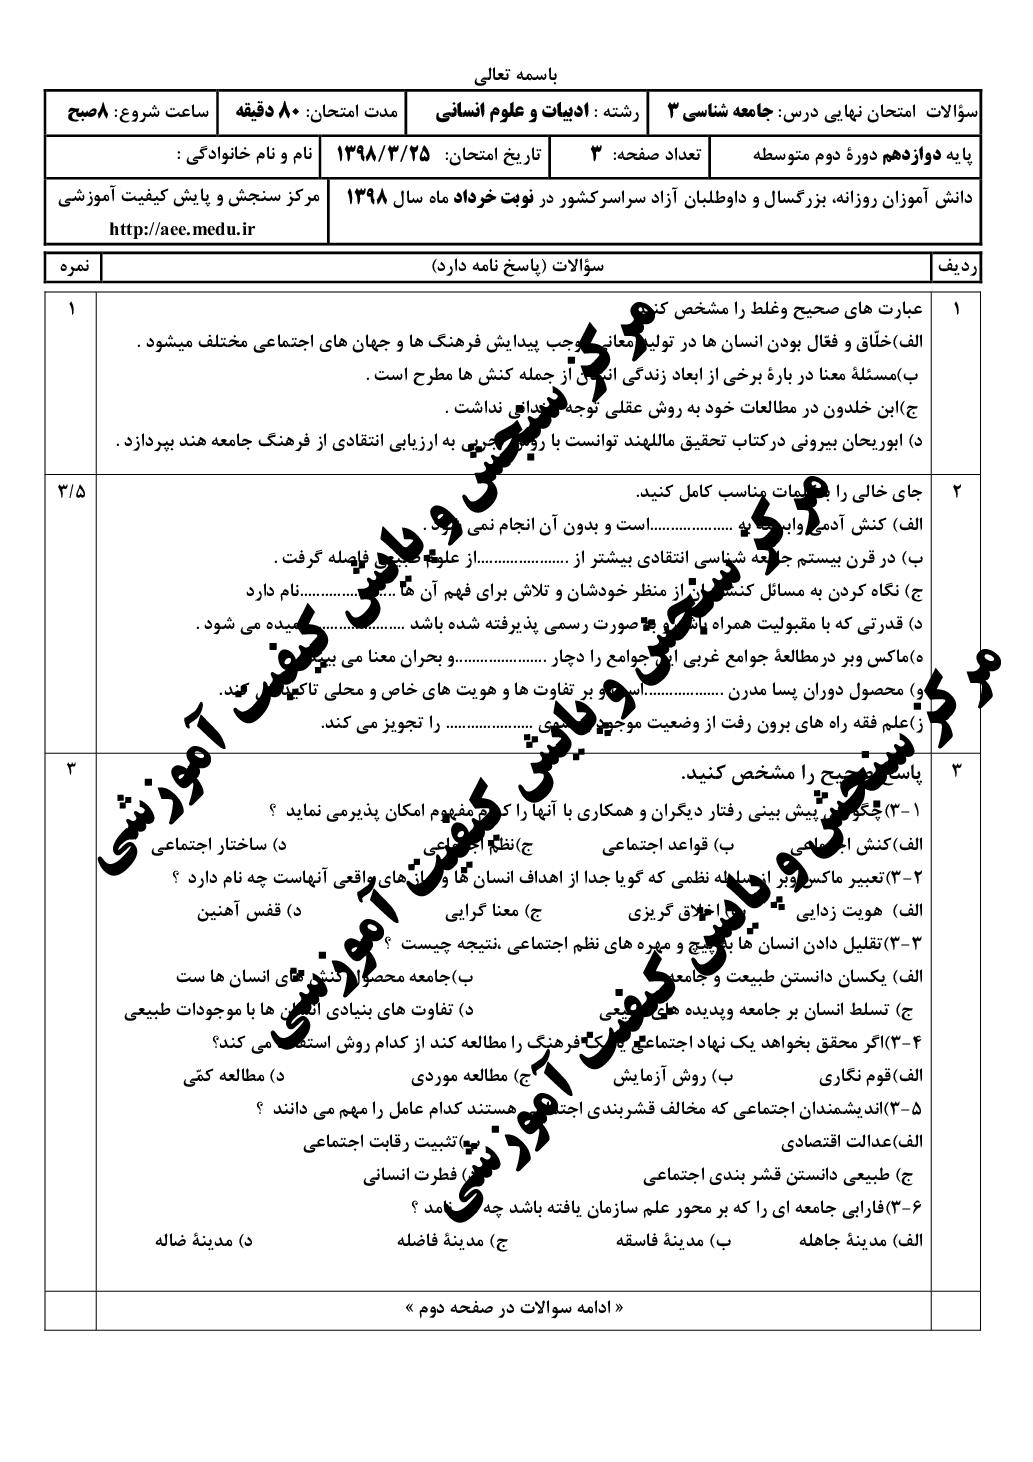 امتحان نهایی جامعه شناسی 3 - خرداد 98 (PDF)